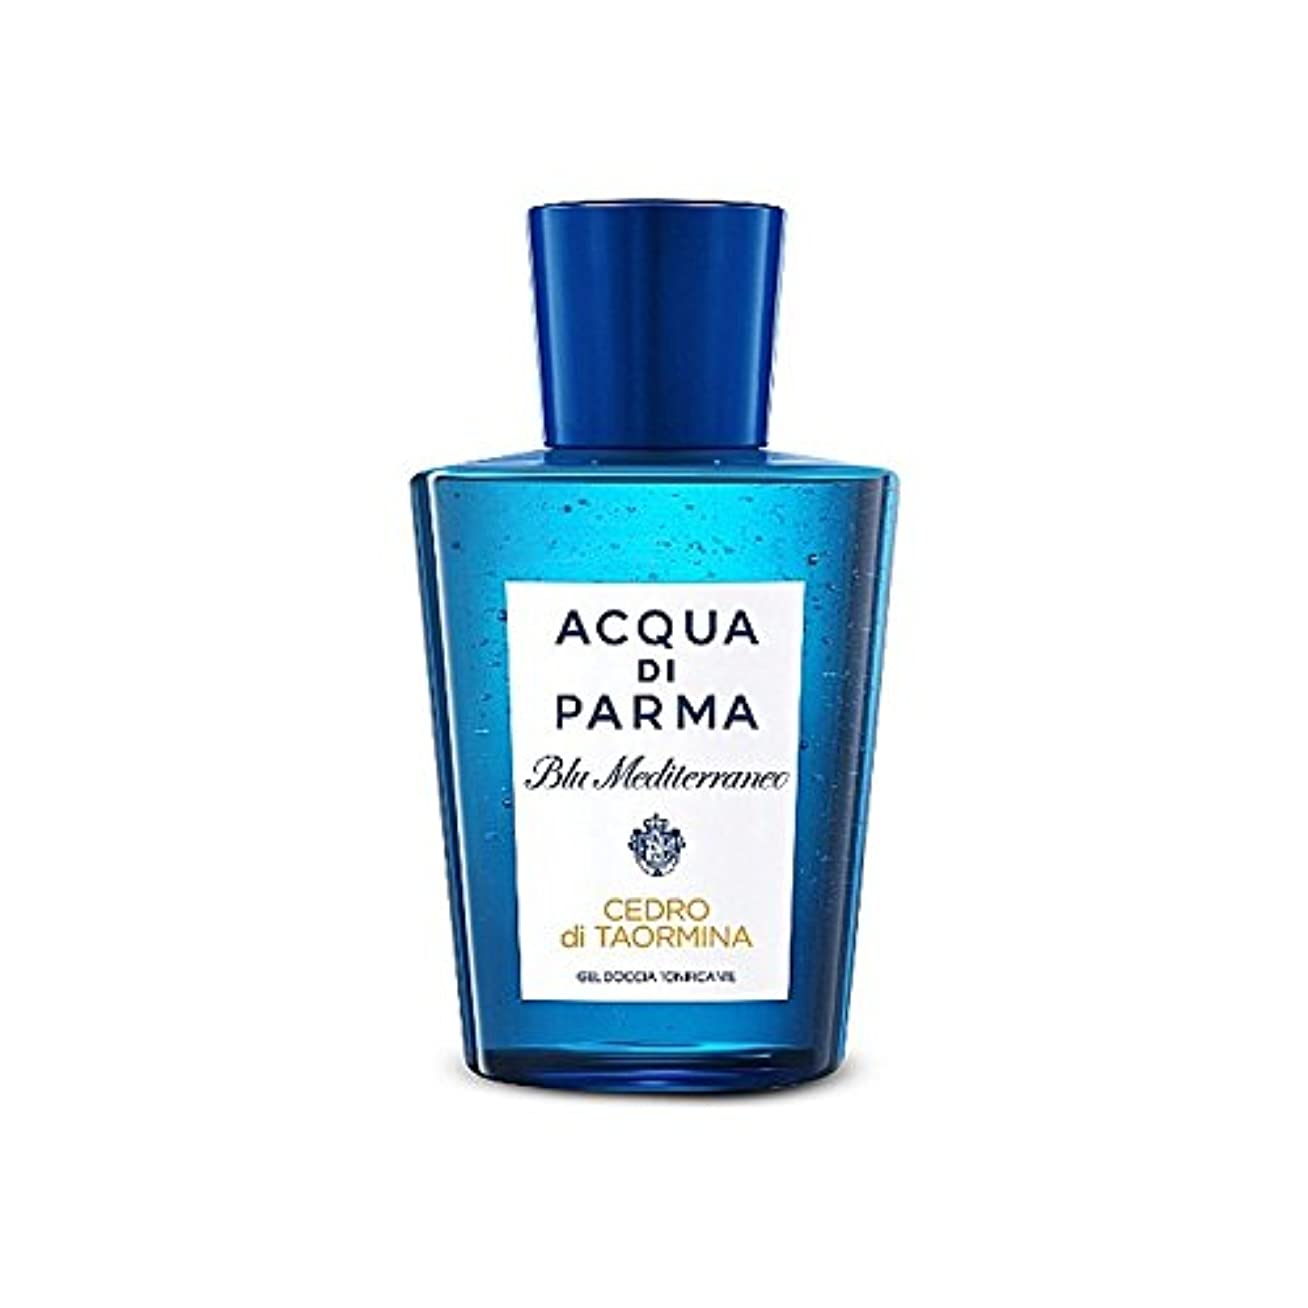 壊す先行する無条件Acqua Di Parma Cedro Di Taormina Shower Gel 200ml - アクアディパルマディミーナシャワージェル200 [並行輸入品]